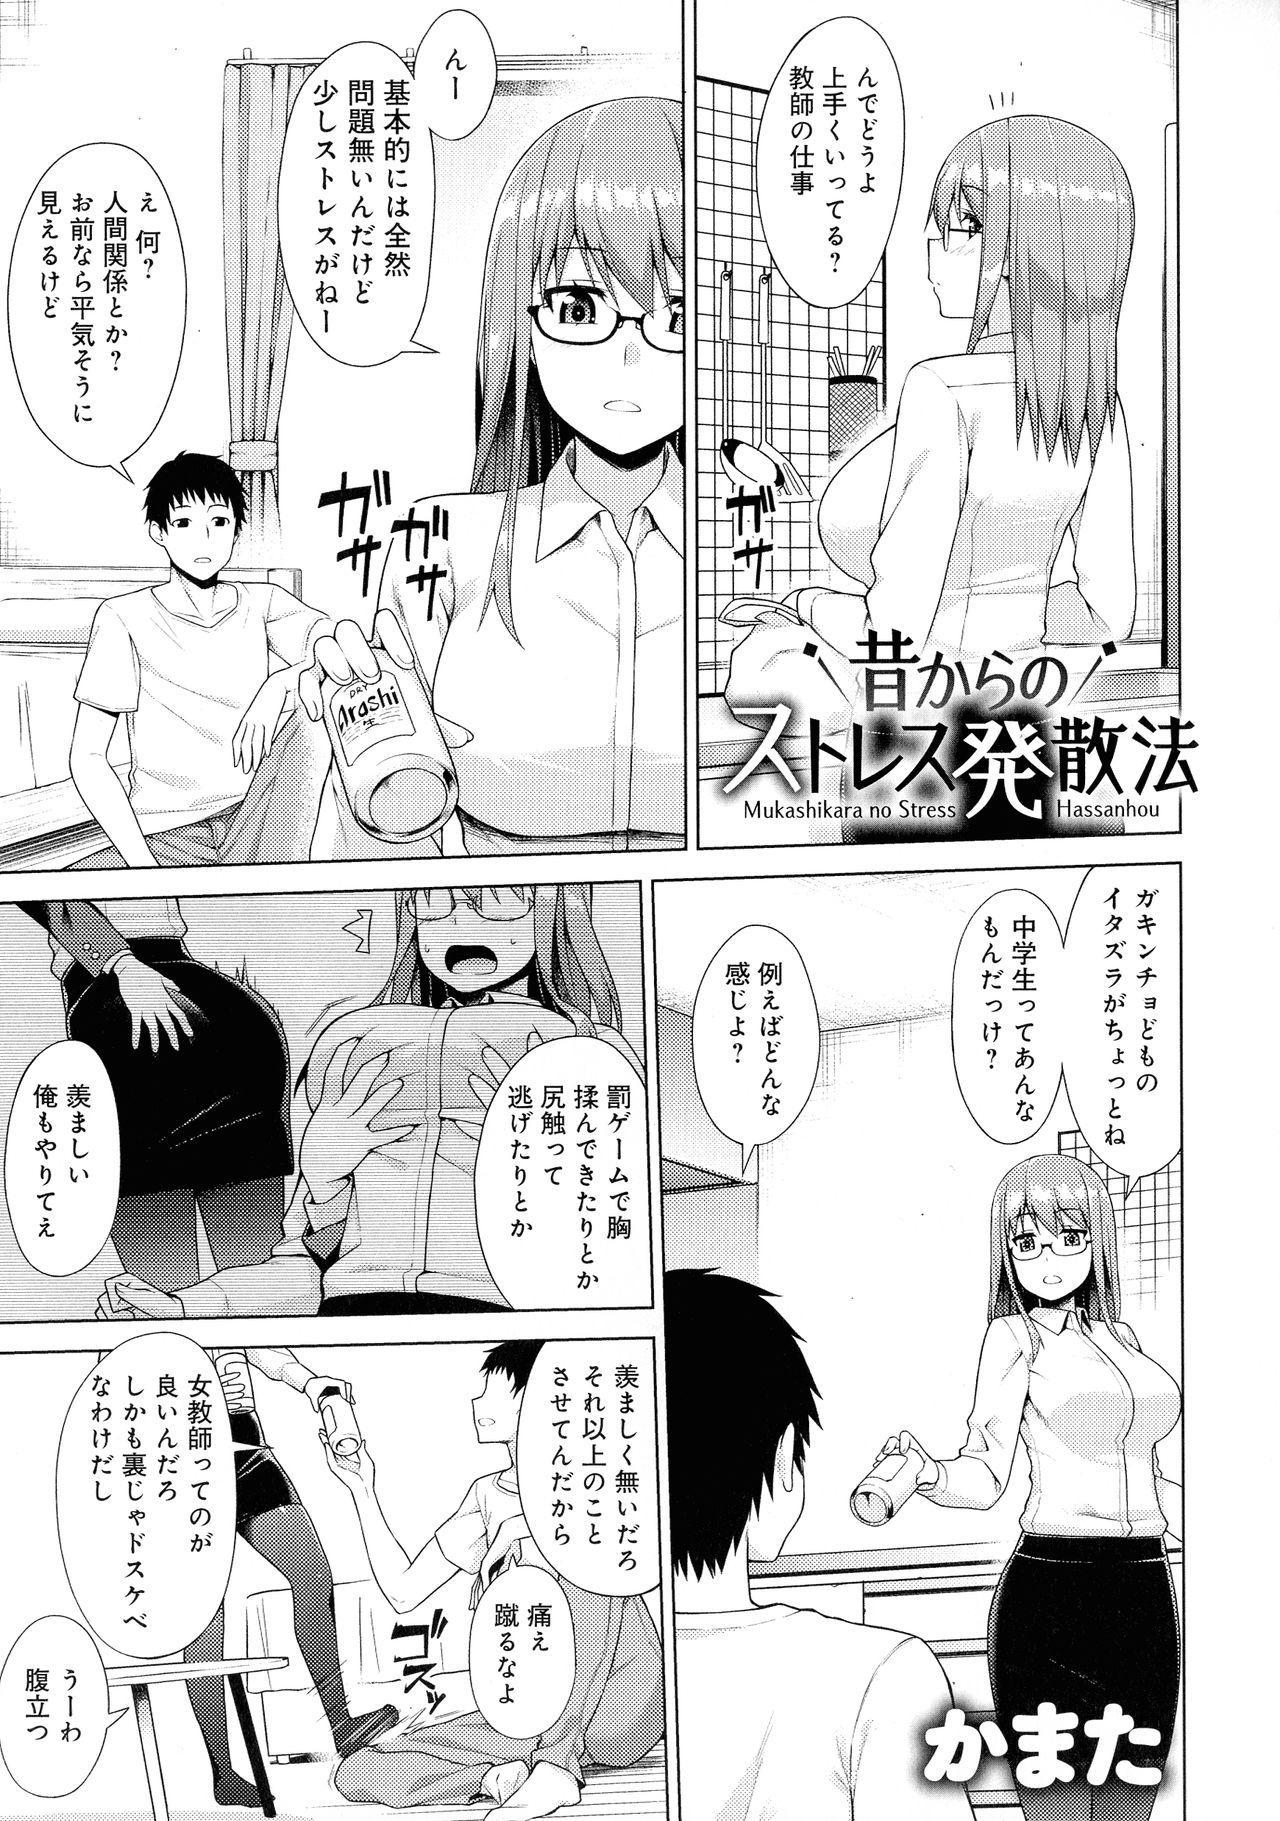 Mesudachi Anthology 130